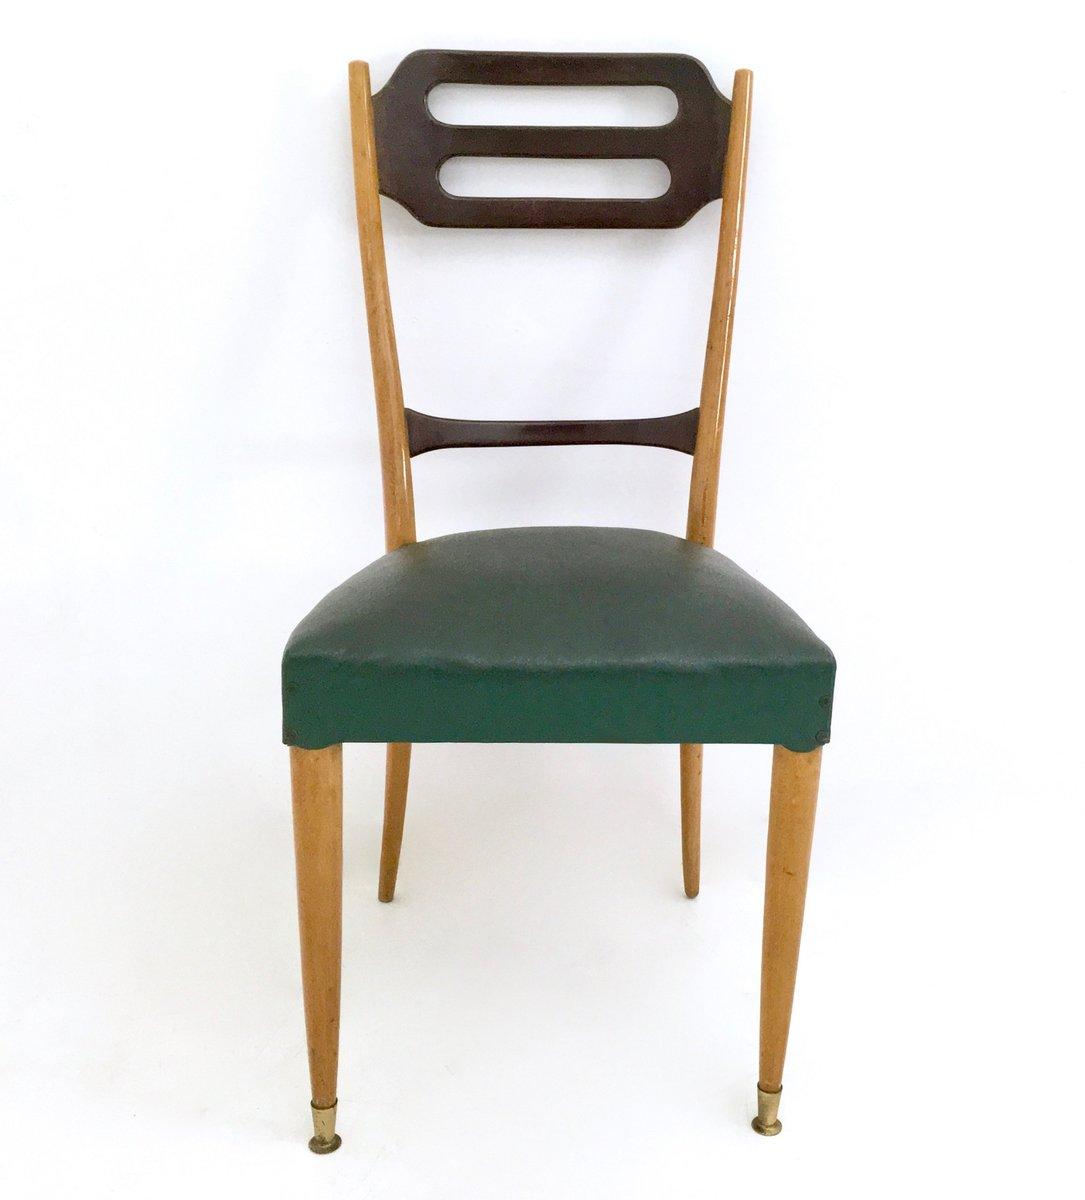 italienische esszimmer st hle in gr nem skai 1950er 6er set bei pamono kaufen. Black Bedroom Furniture Sets. Home Design Ideas